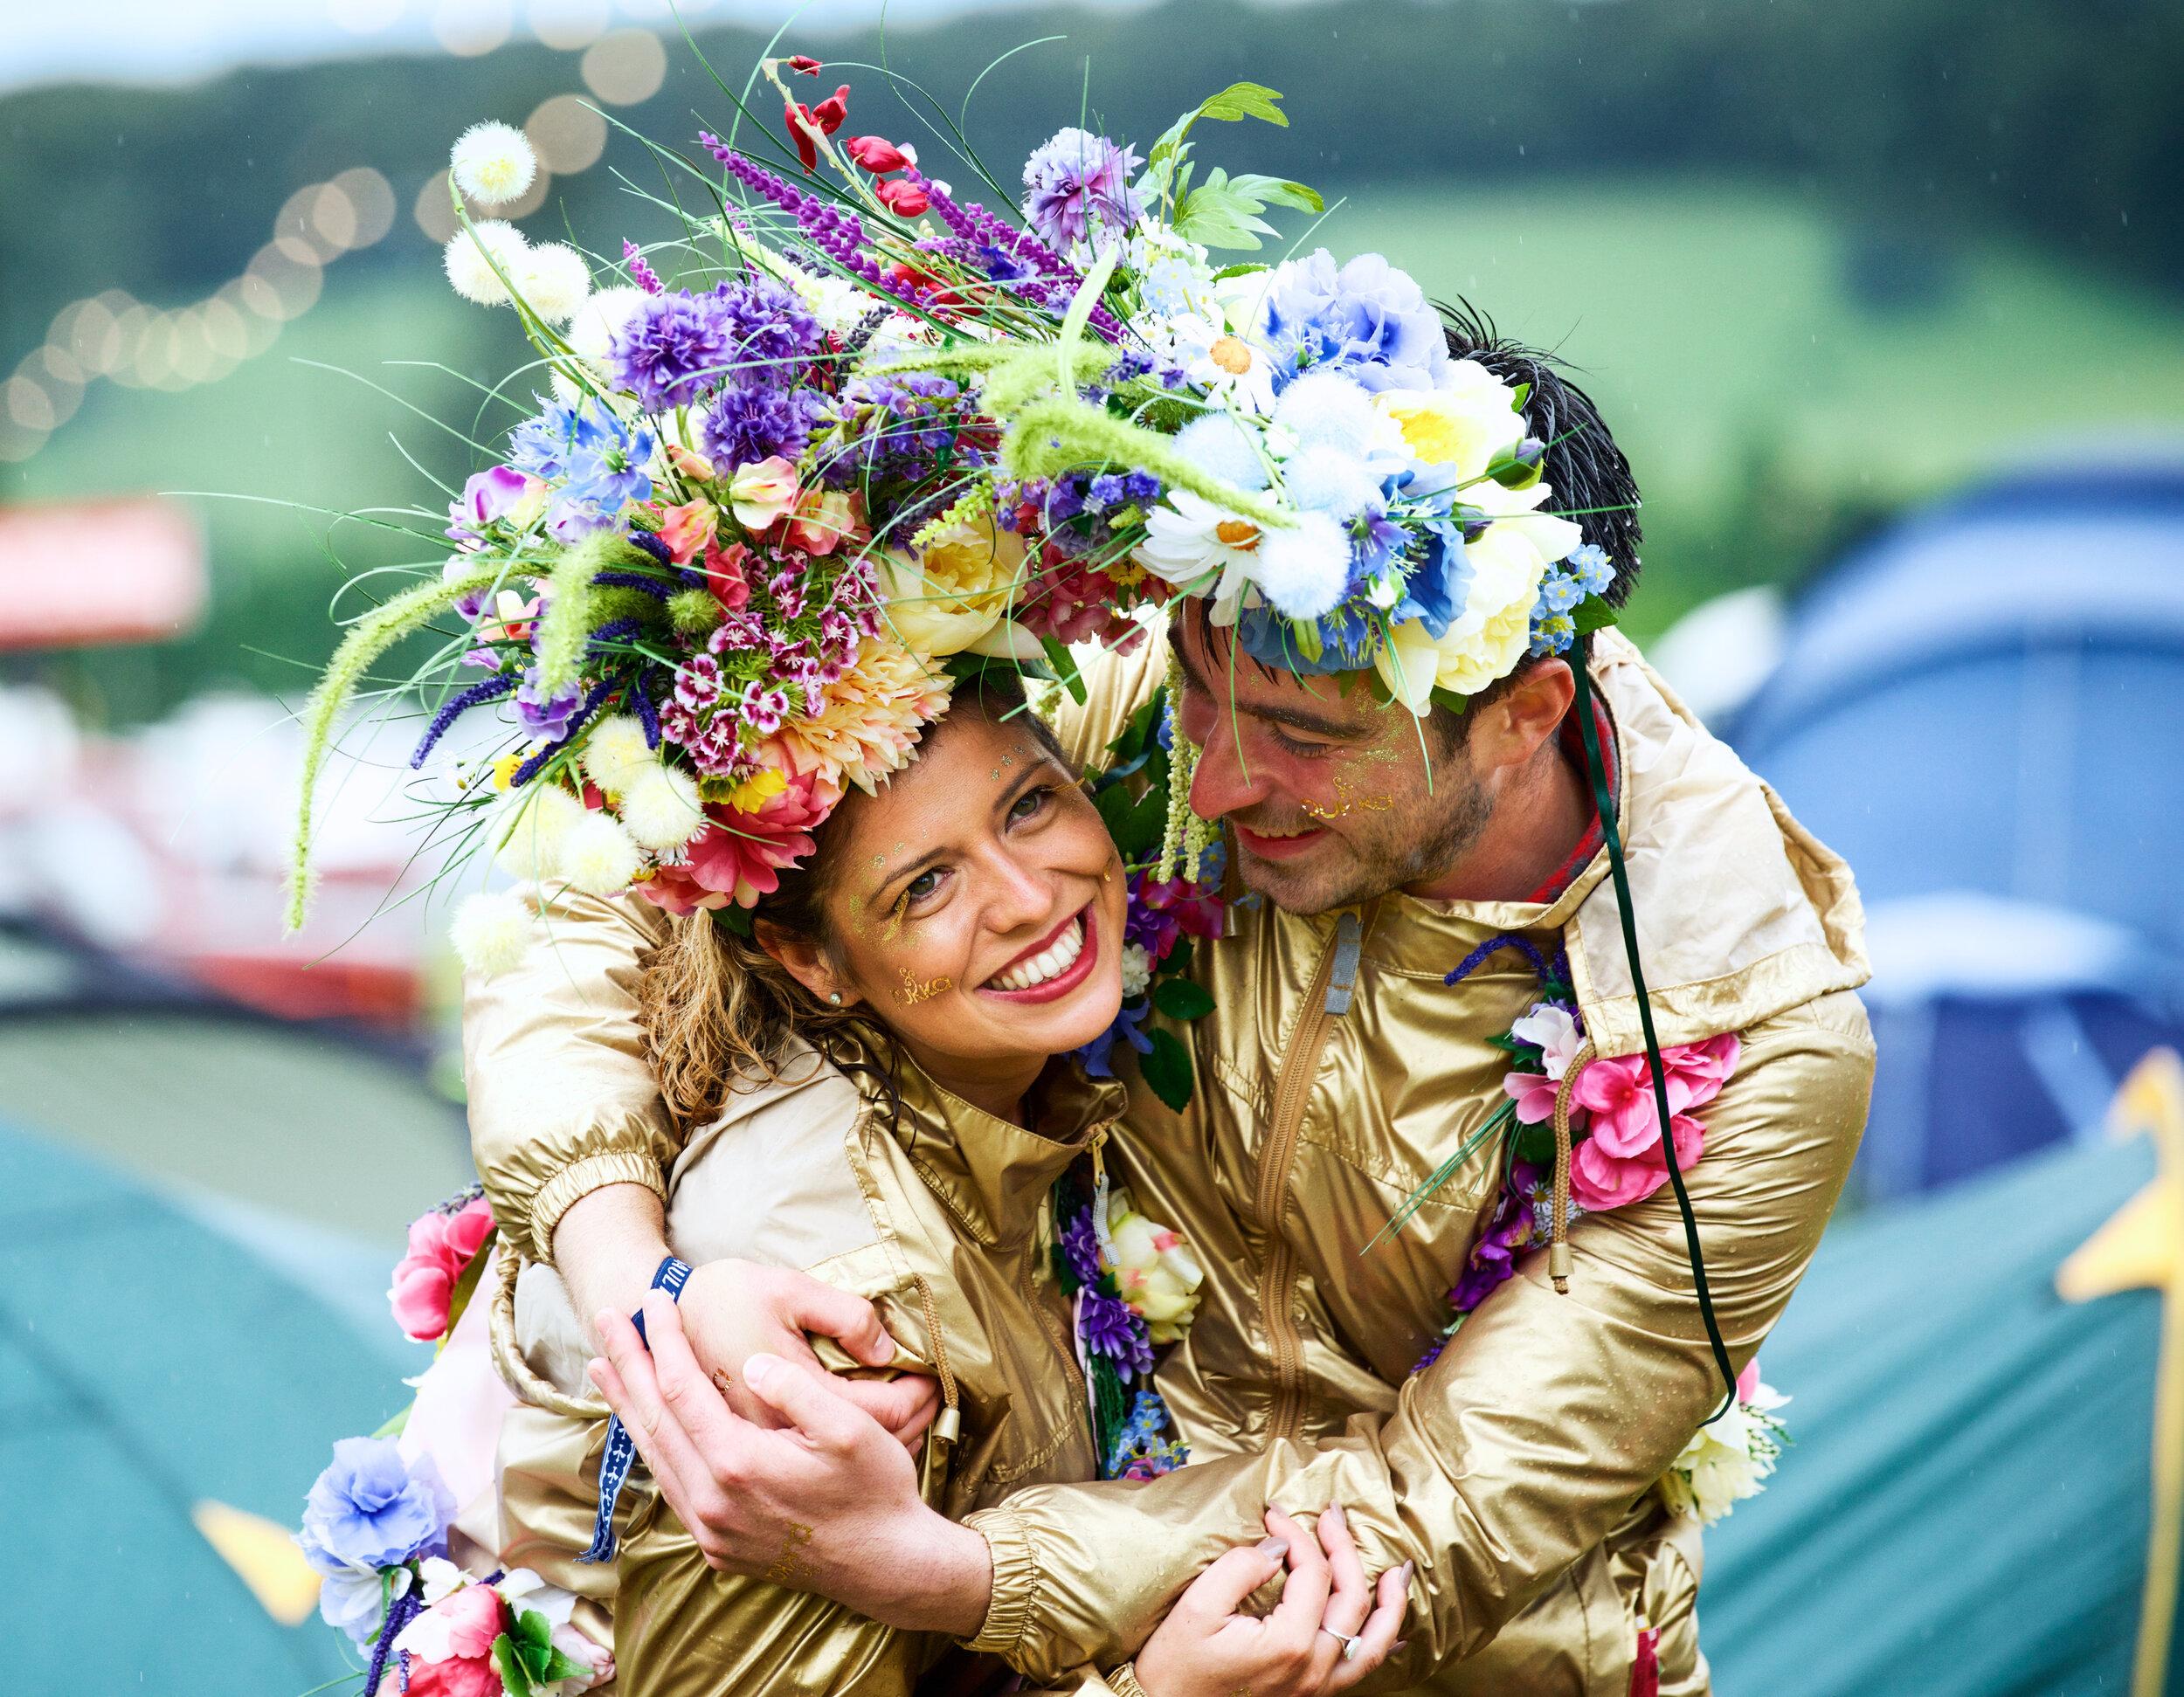 Festival Couple.jpg